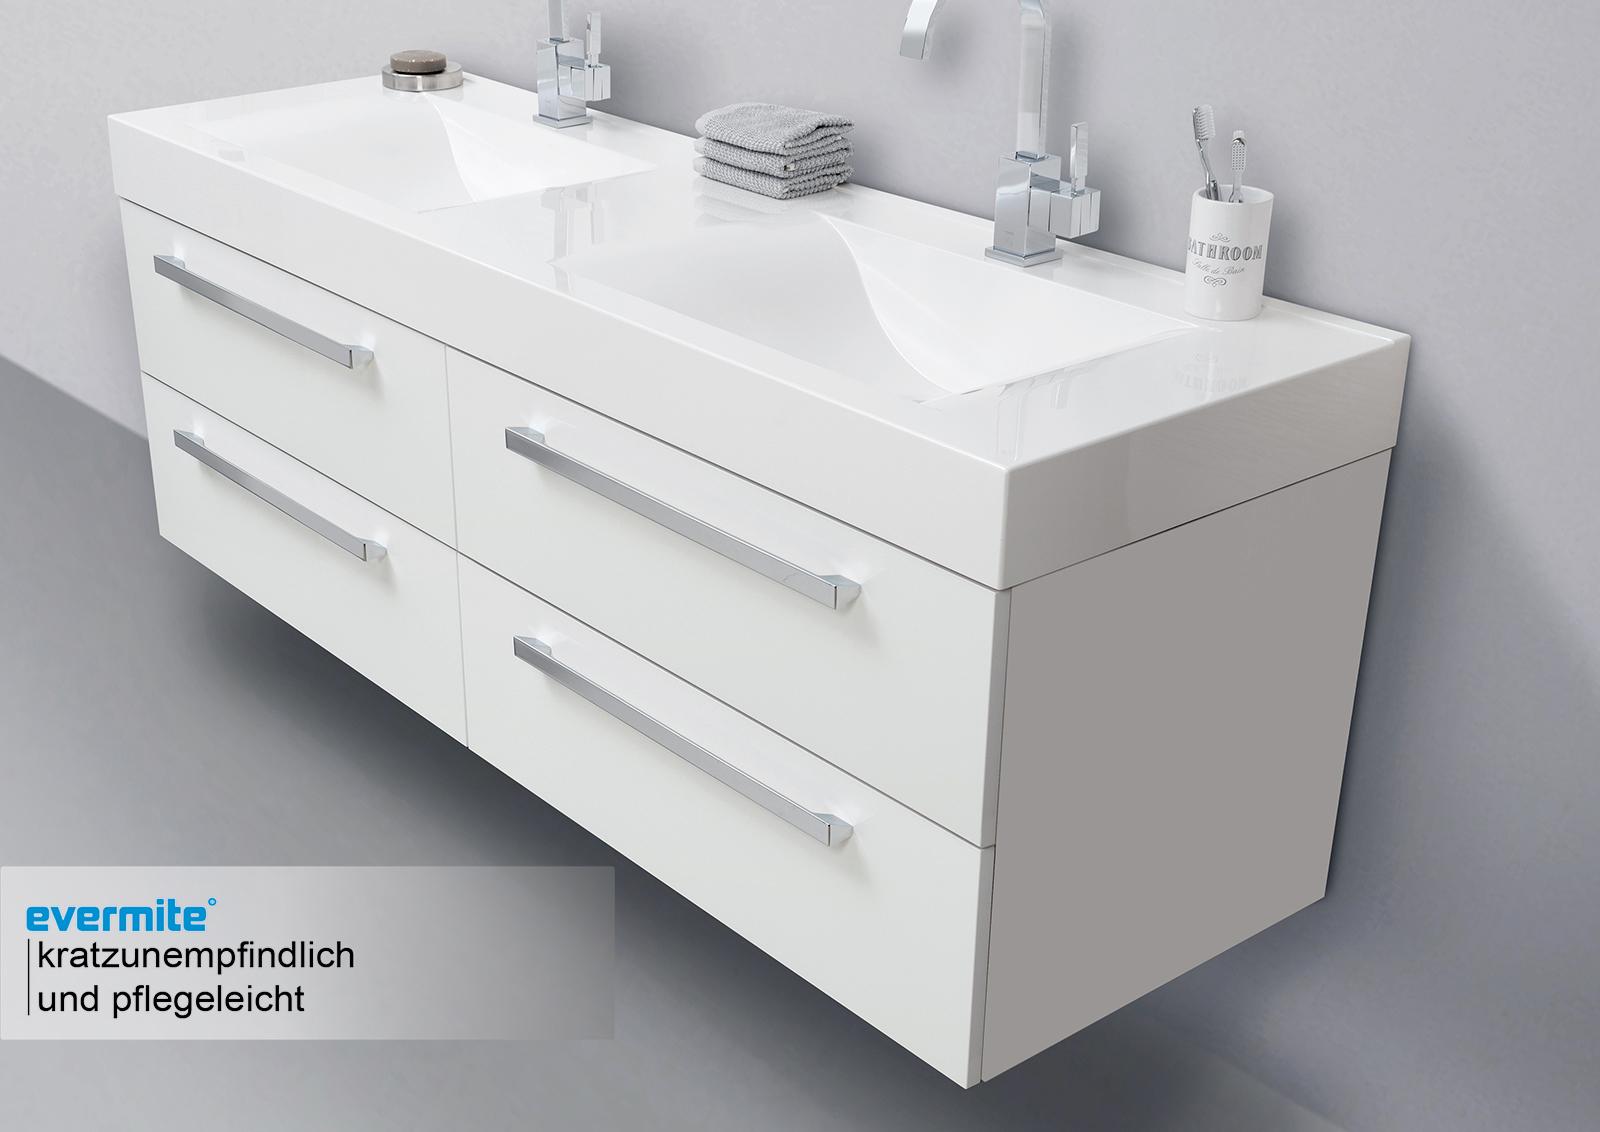 doppelwaschtisch 160 cm badm bel mit unterschrank spiegelschrank. Black Bedroom Furniture Sets. Home Design Ideas